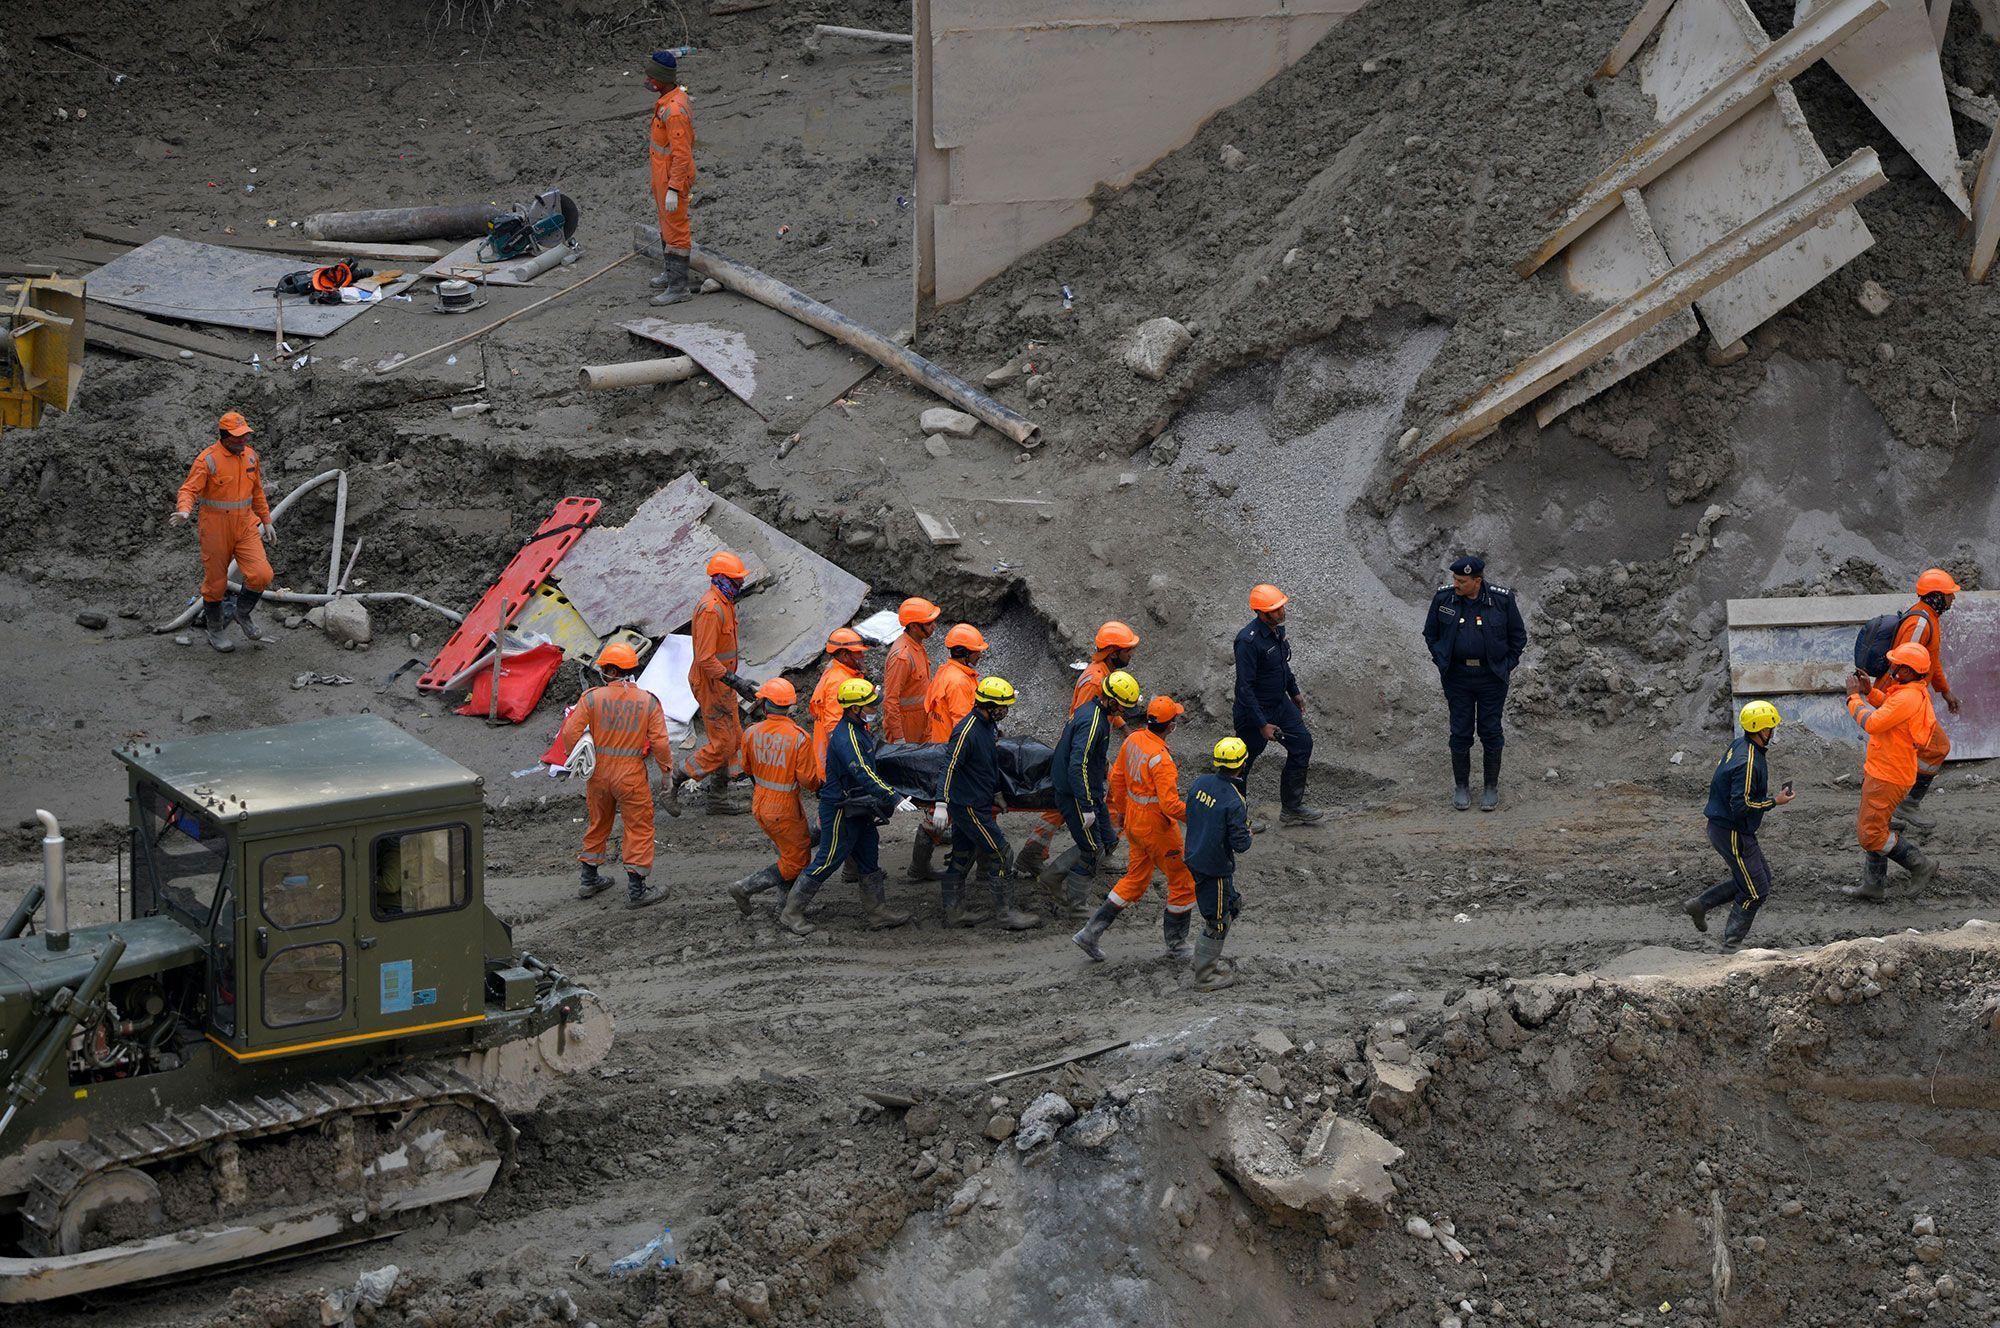 Opérations de secours à Tapovan, dimanche